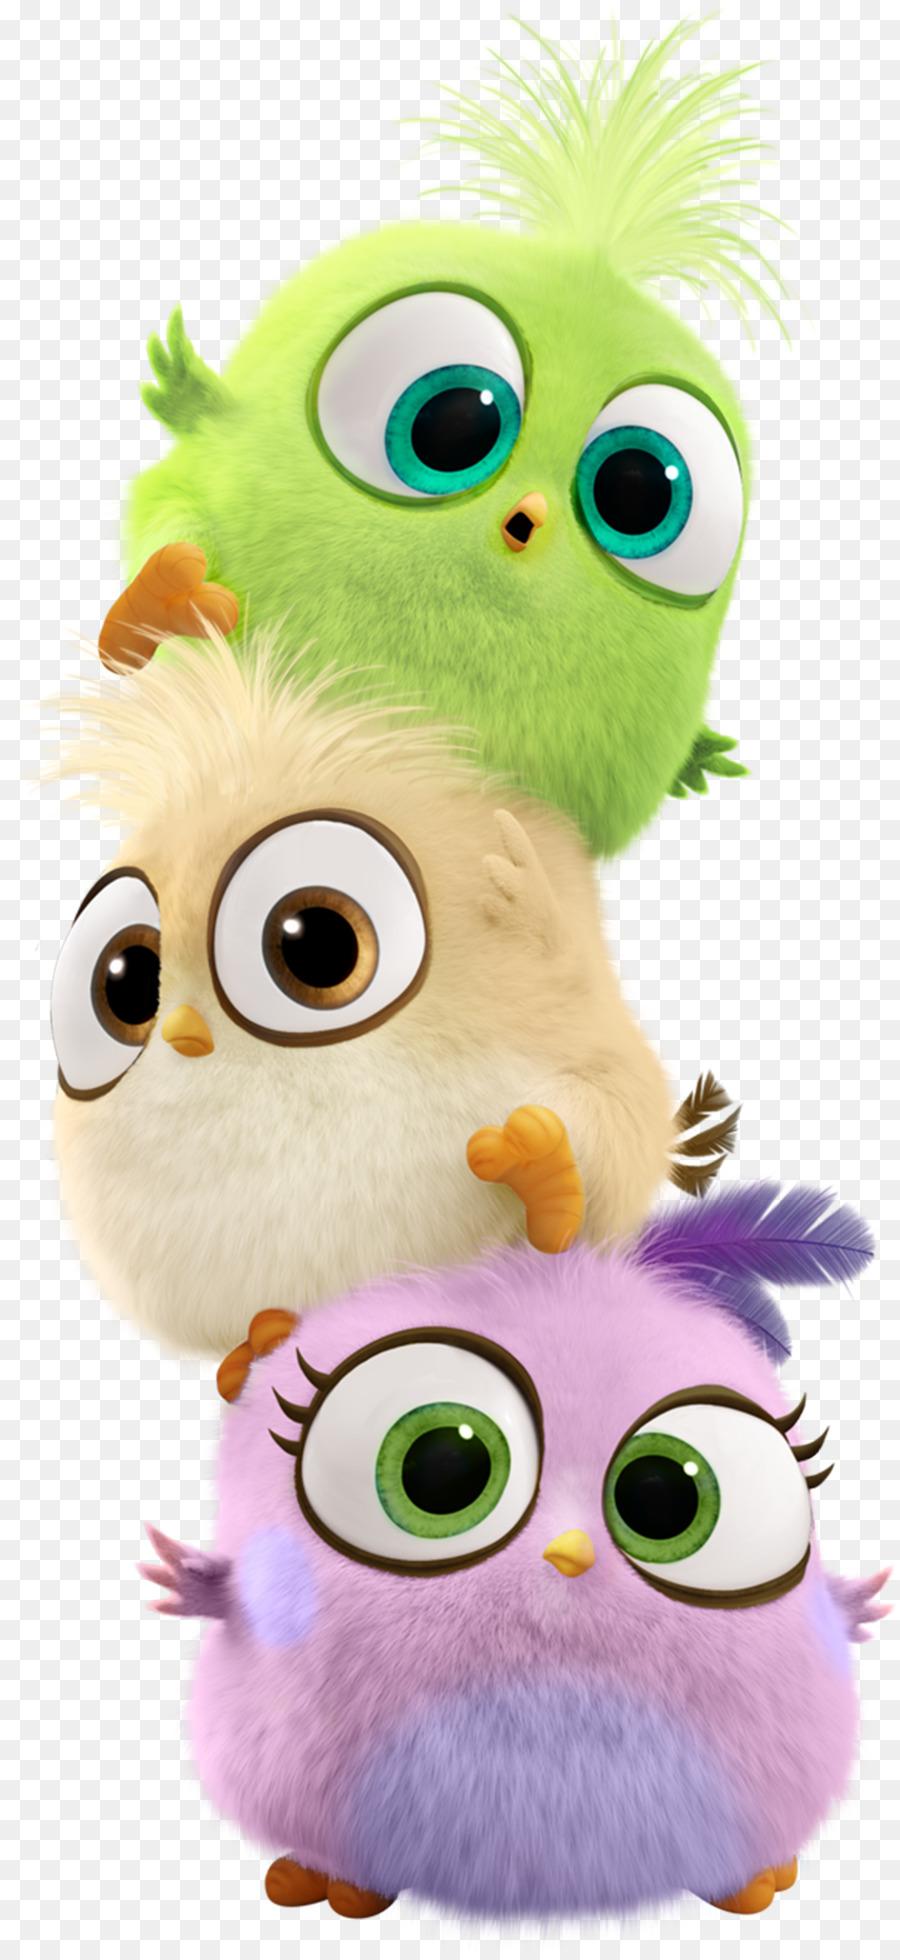 Angry birds star wars злые птички звездные войны.